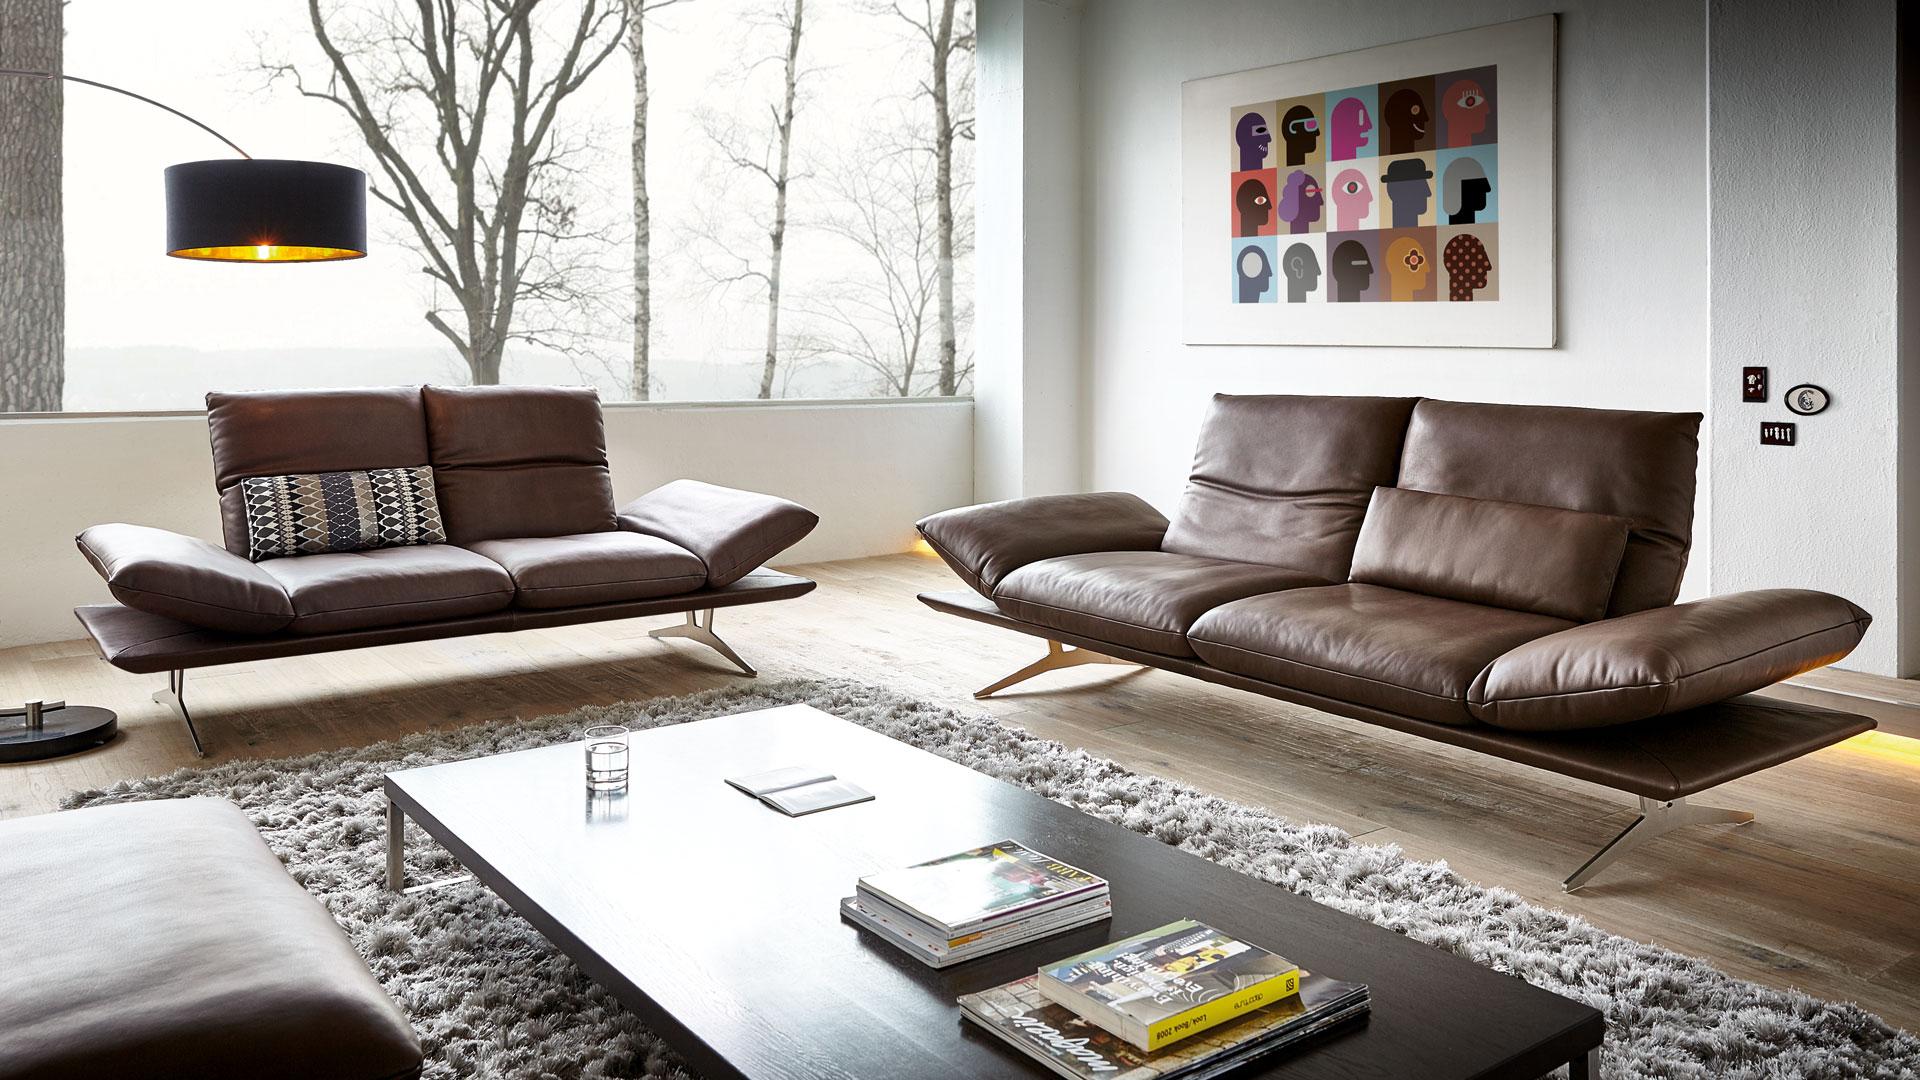 Full Size of Koinor Couch Francis Sofa 2 Sitzer Gebraucht Leder Schwarz Kaufen Lederfarben Weiss Uk Erfahrungen Preisliste Preis Outlet Braun 3 Mit Schlaffunktion Megapol Sofa Koinor Sofa